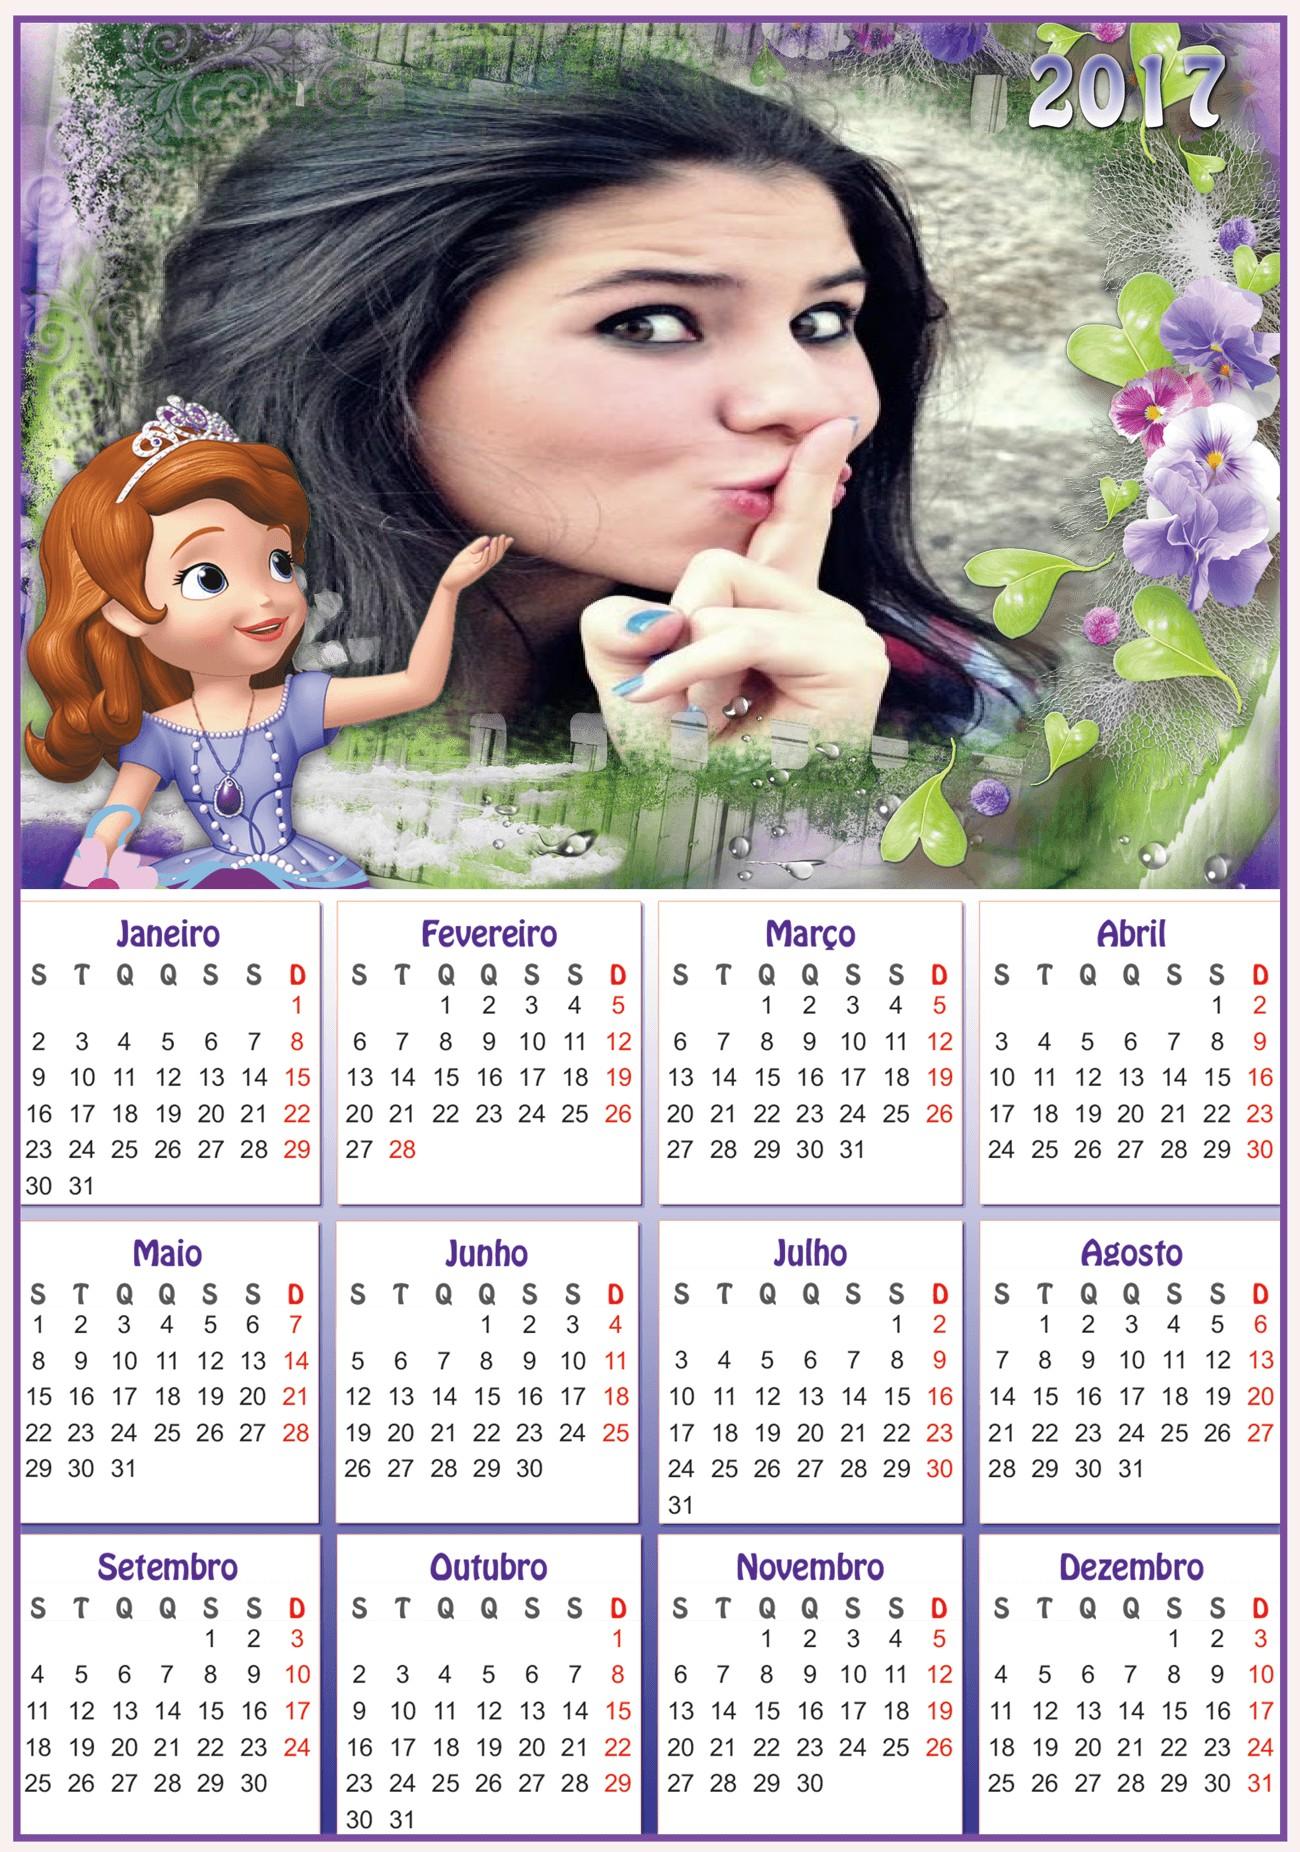 moldura-calendario-2017-princesa-sofia-disney